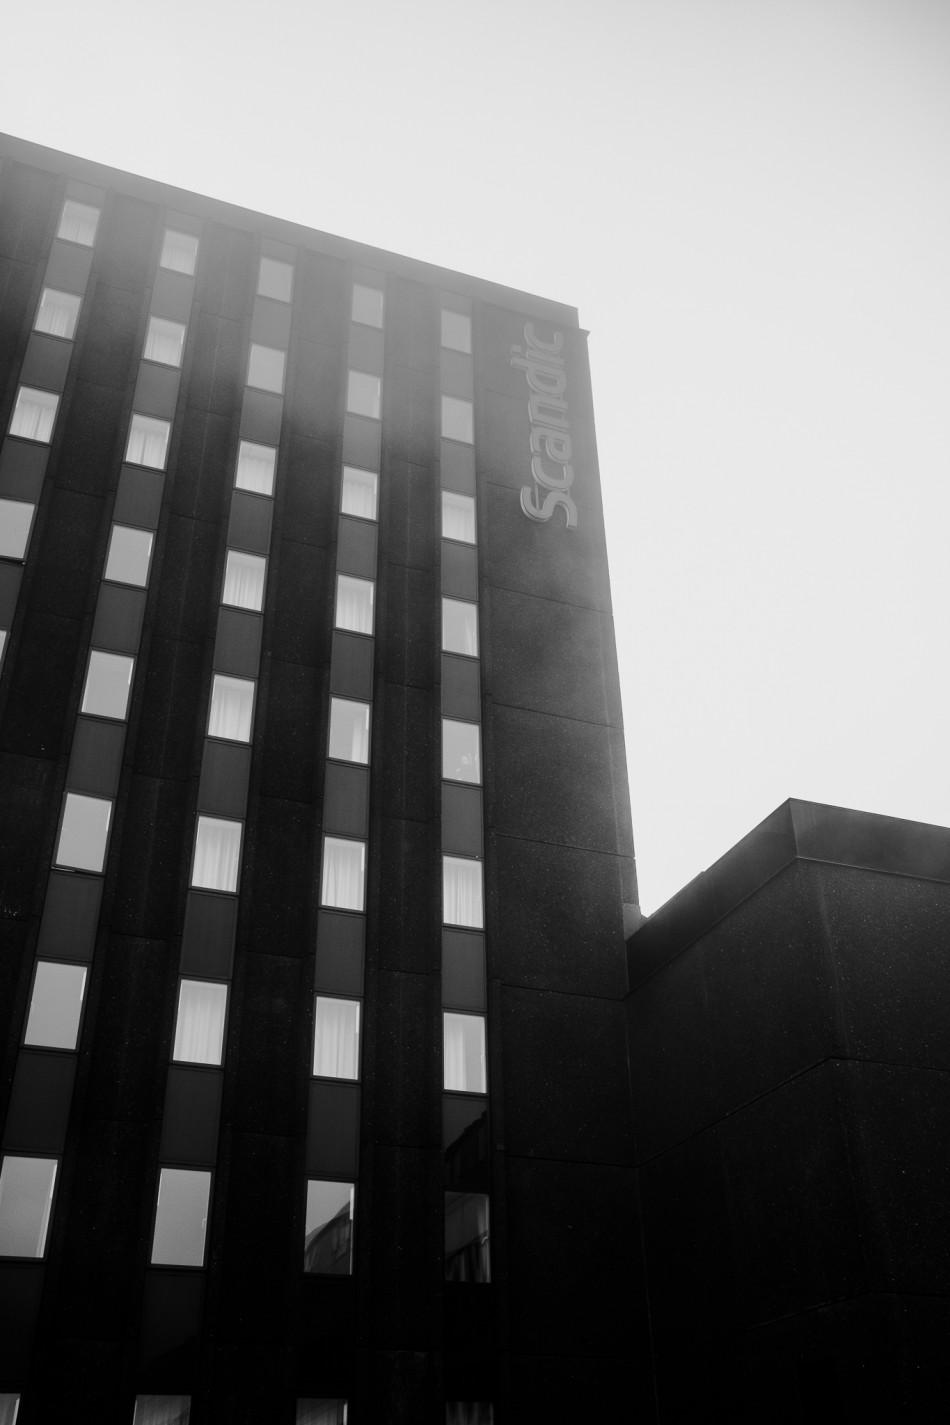 Scandic Hotel i Herning indhyldet i tåge